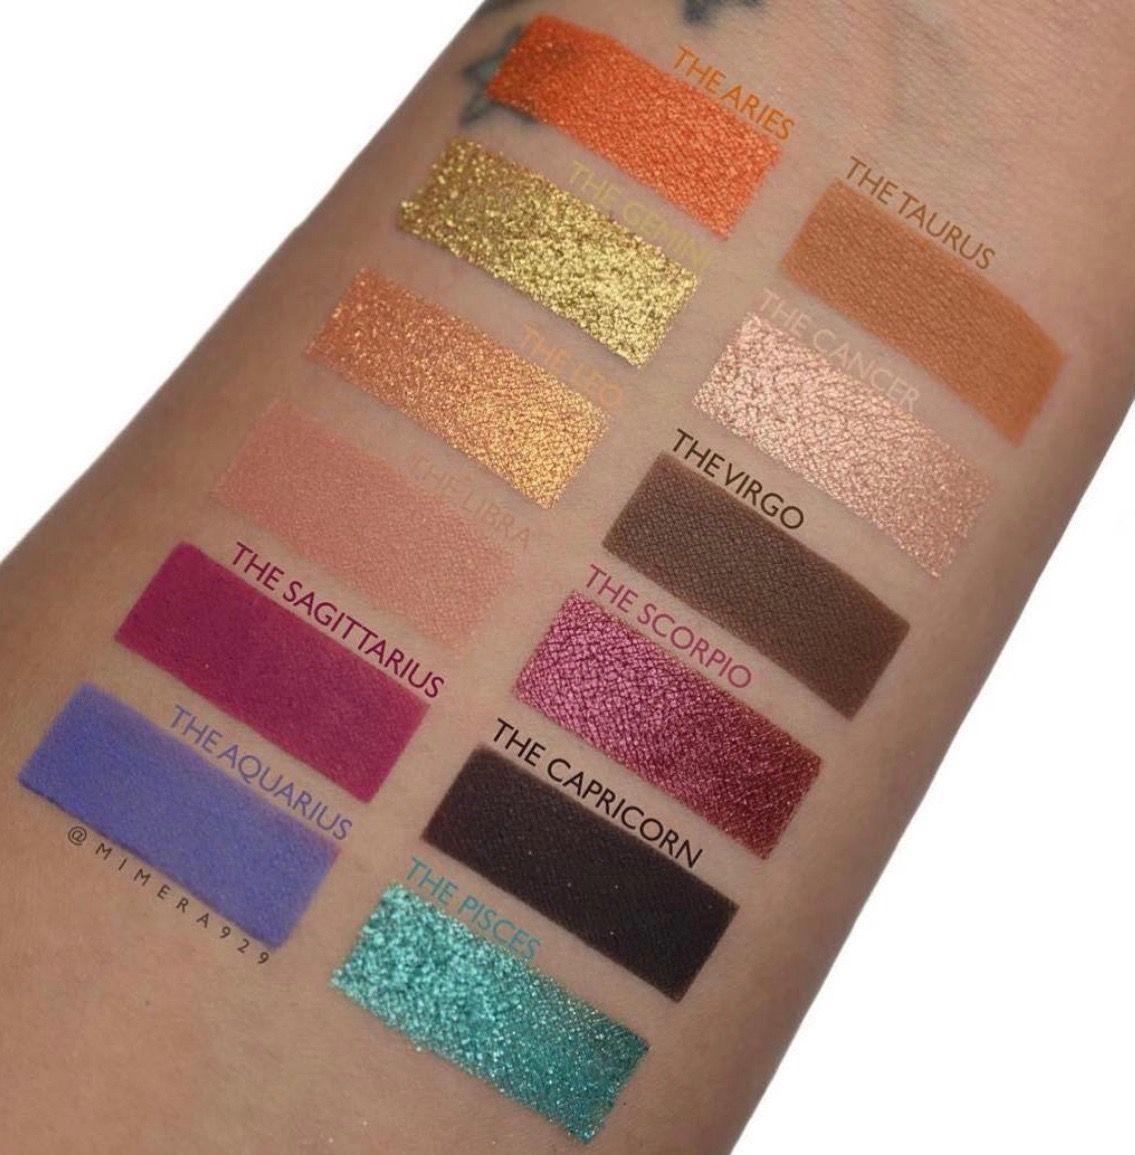 Semi Precious Shadow Palette by Colourpop #8